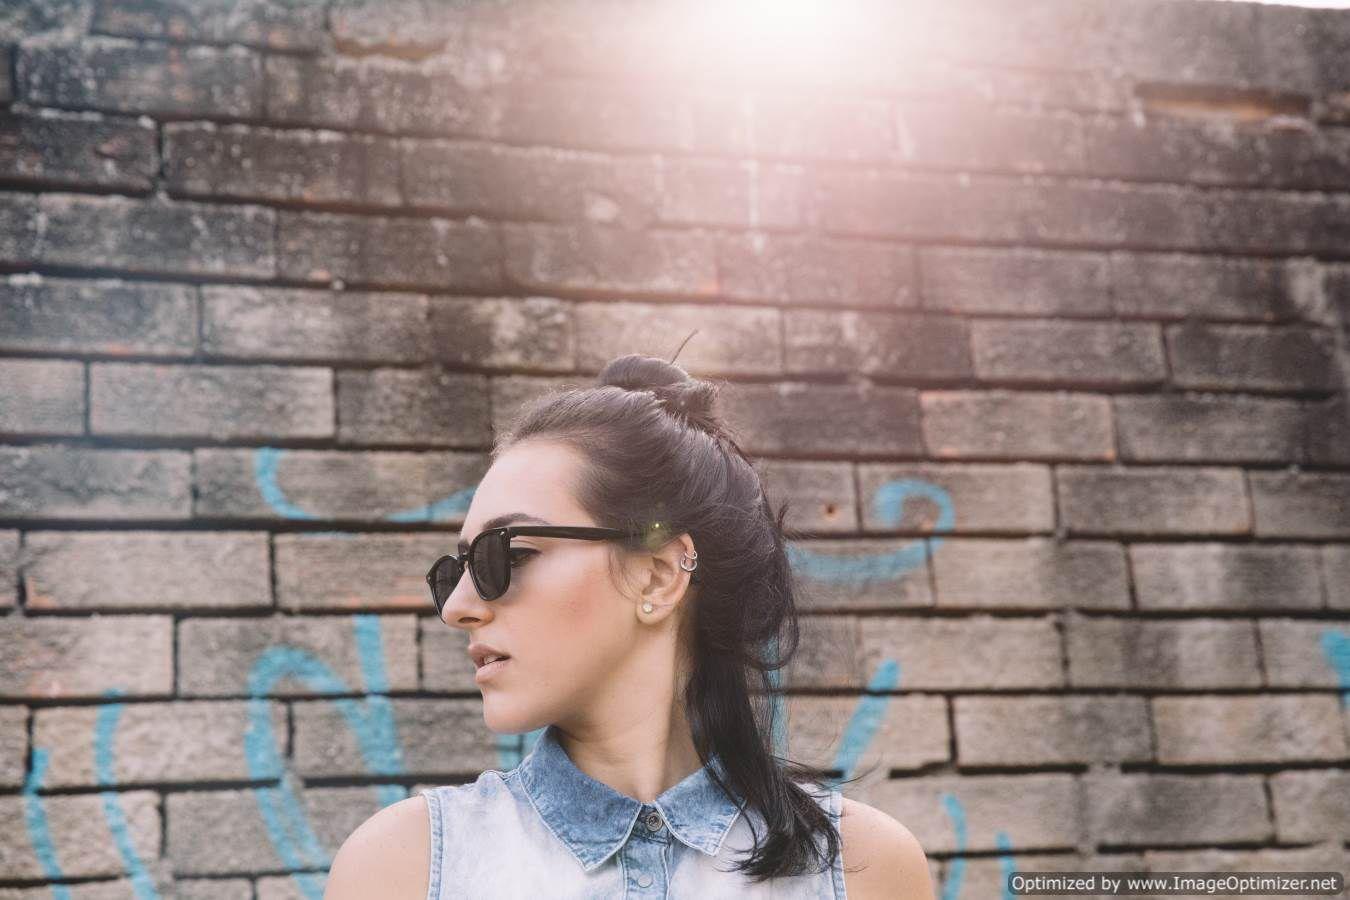 صورة بنت جميلة تلبس نظارة شمس وتنظر بجانبها